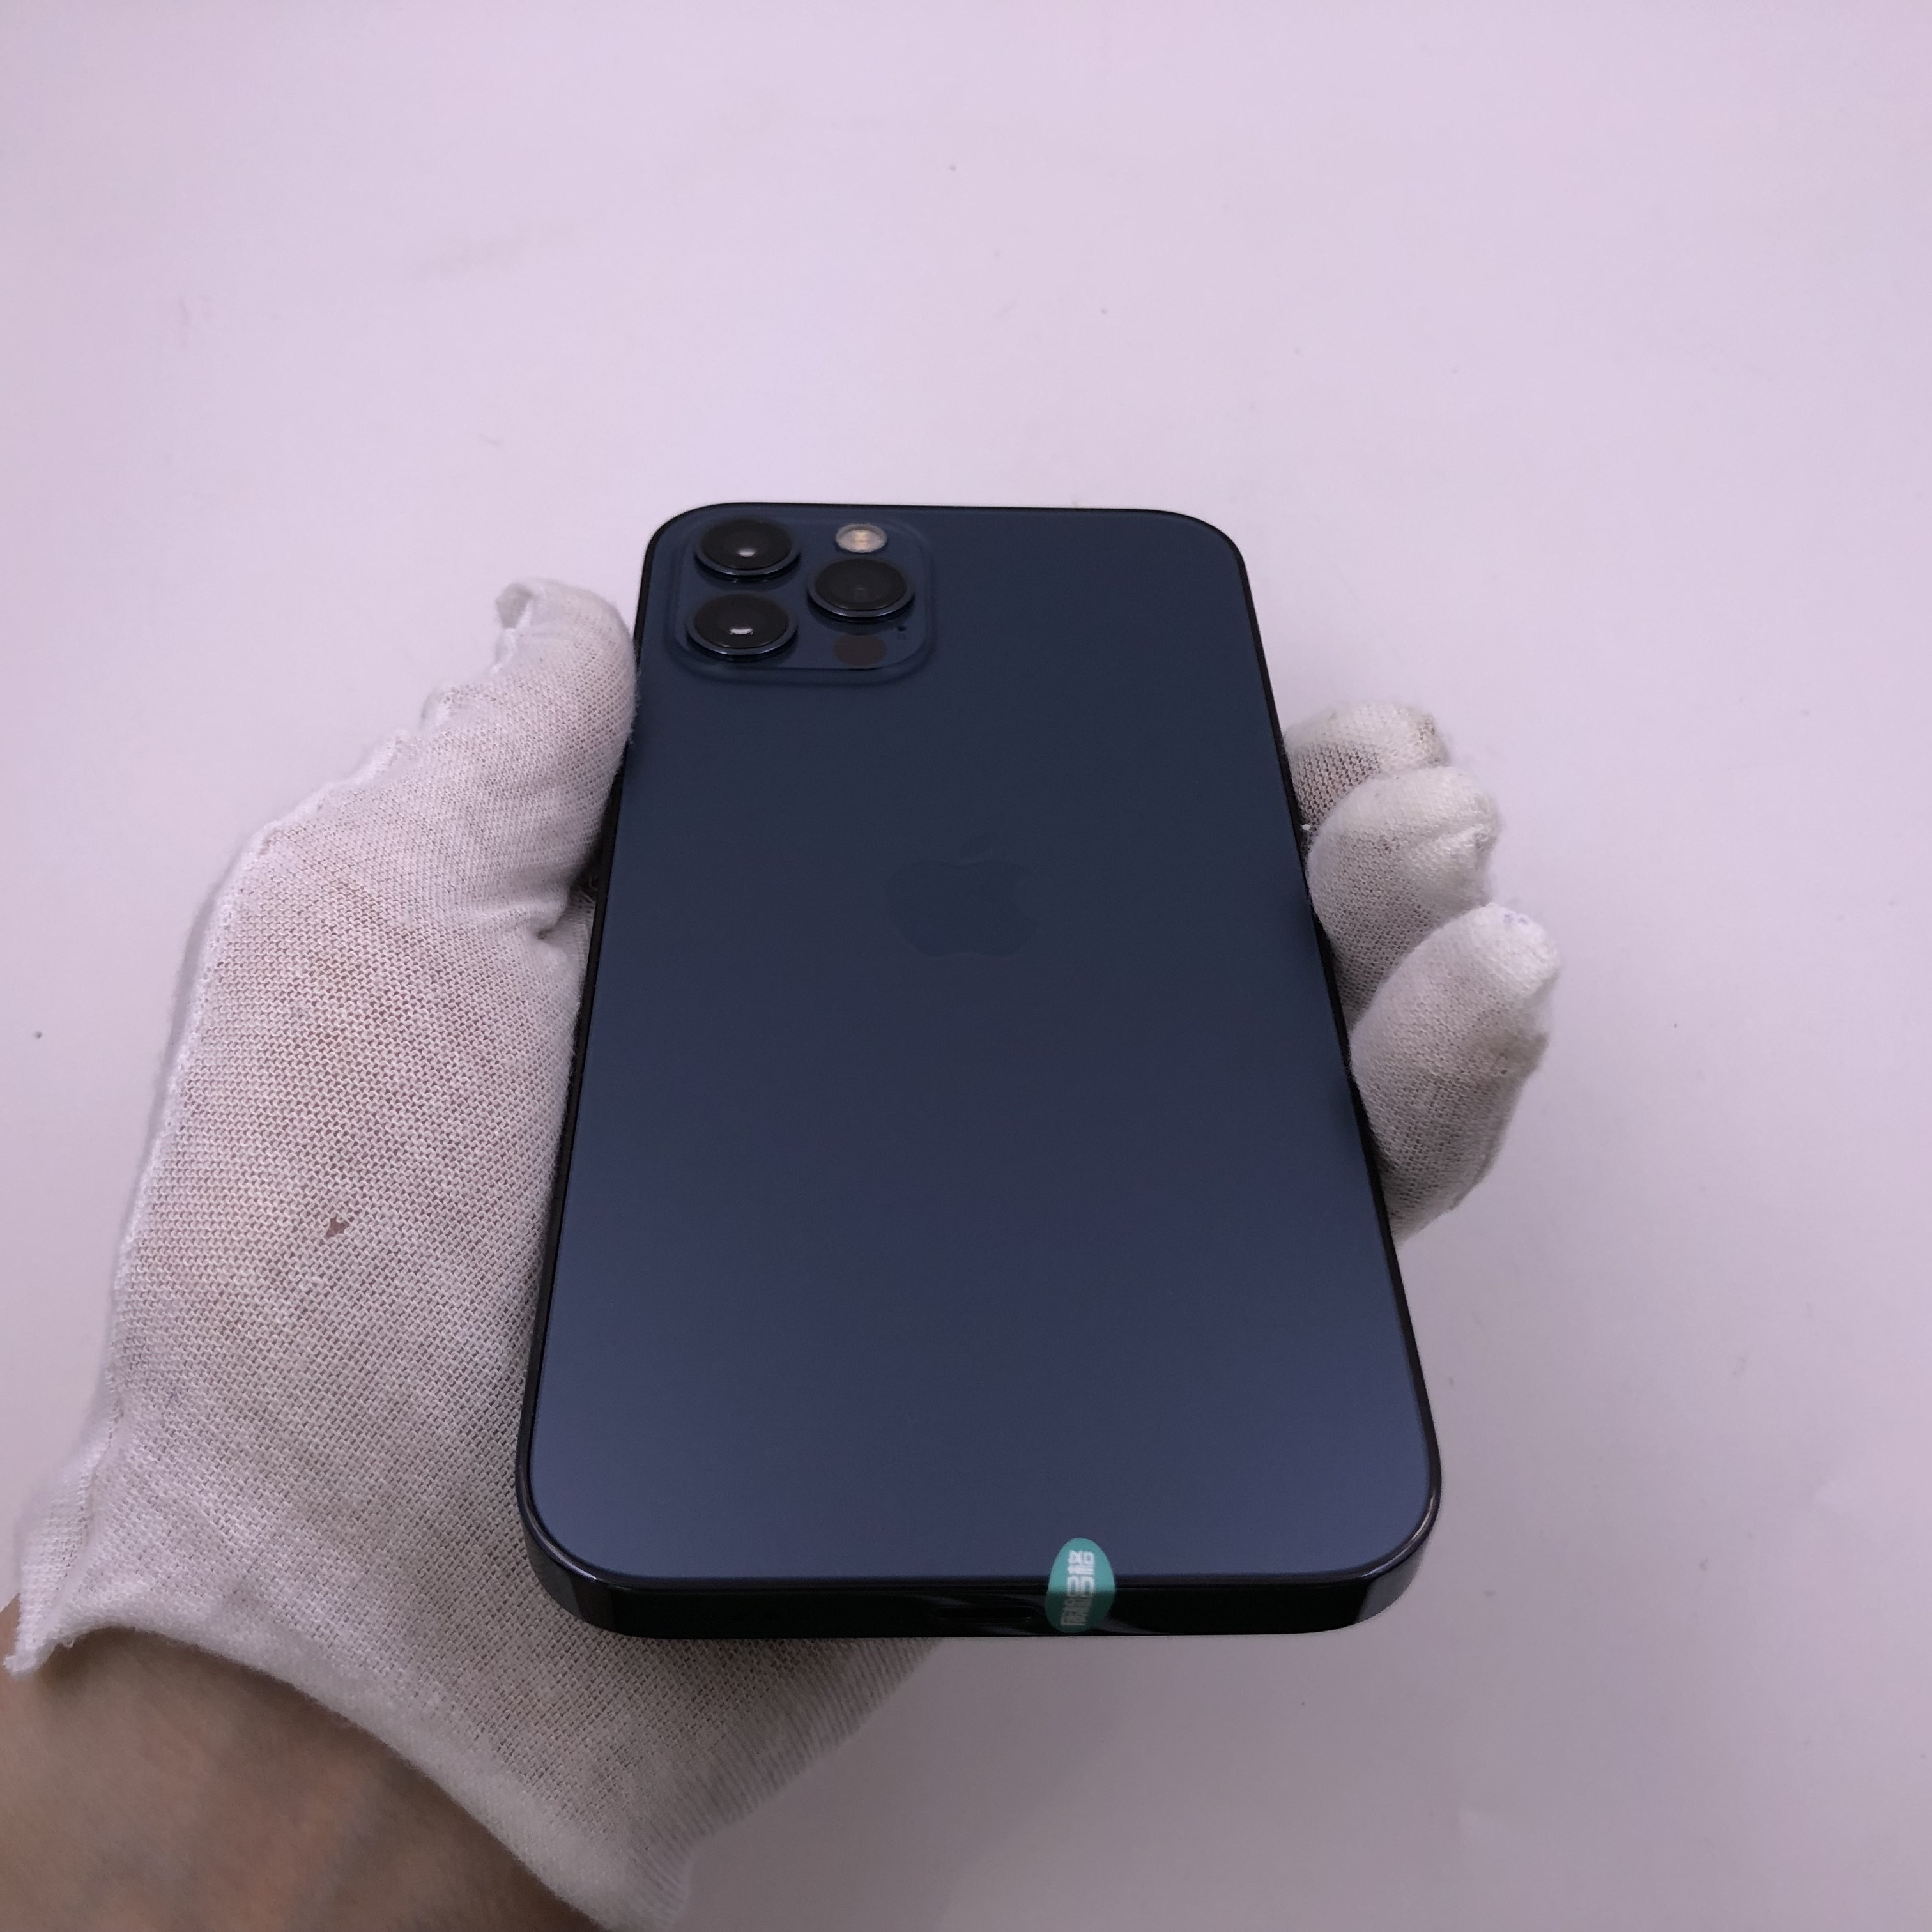 苹果【iPhone 12 Pro】5G全网通 海蓝色 256G 国行 95新